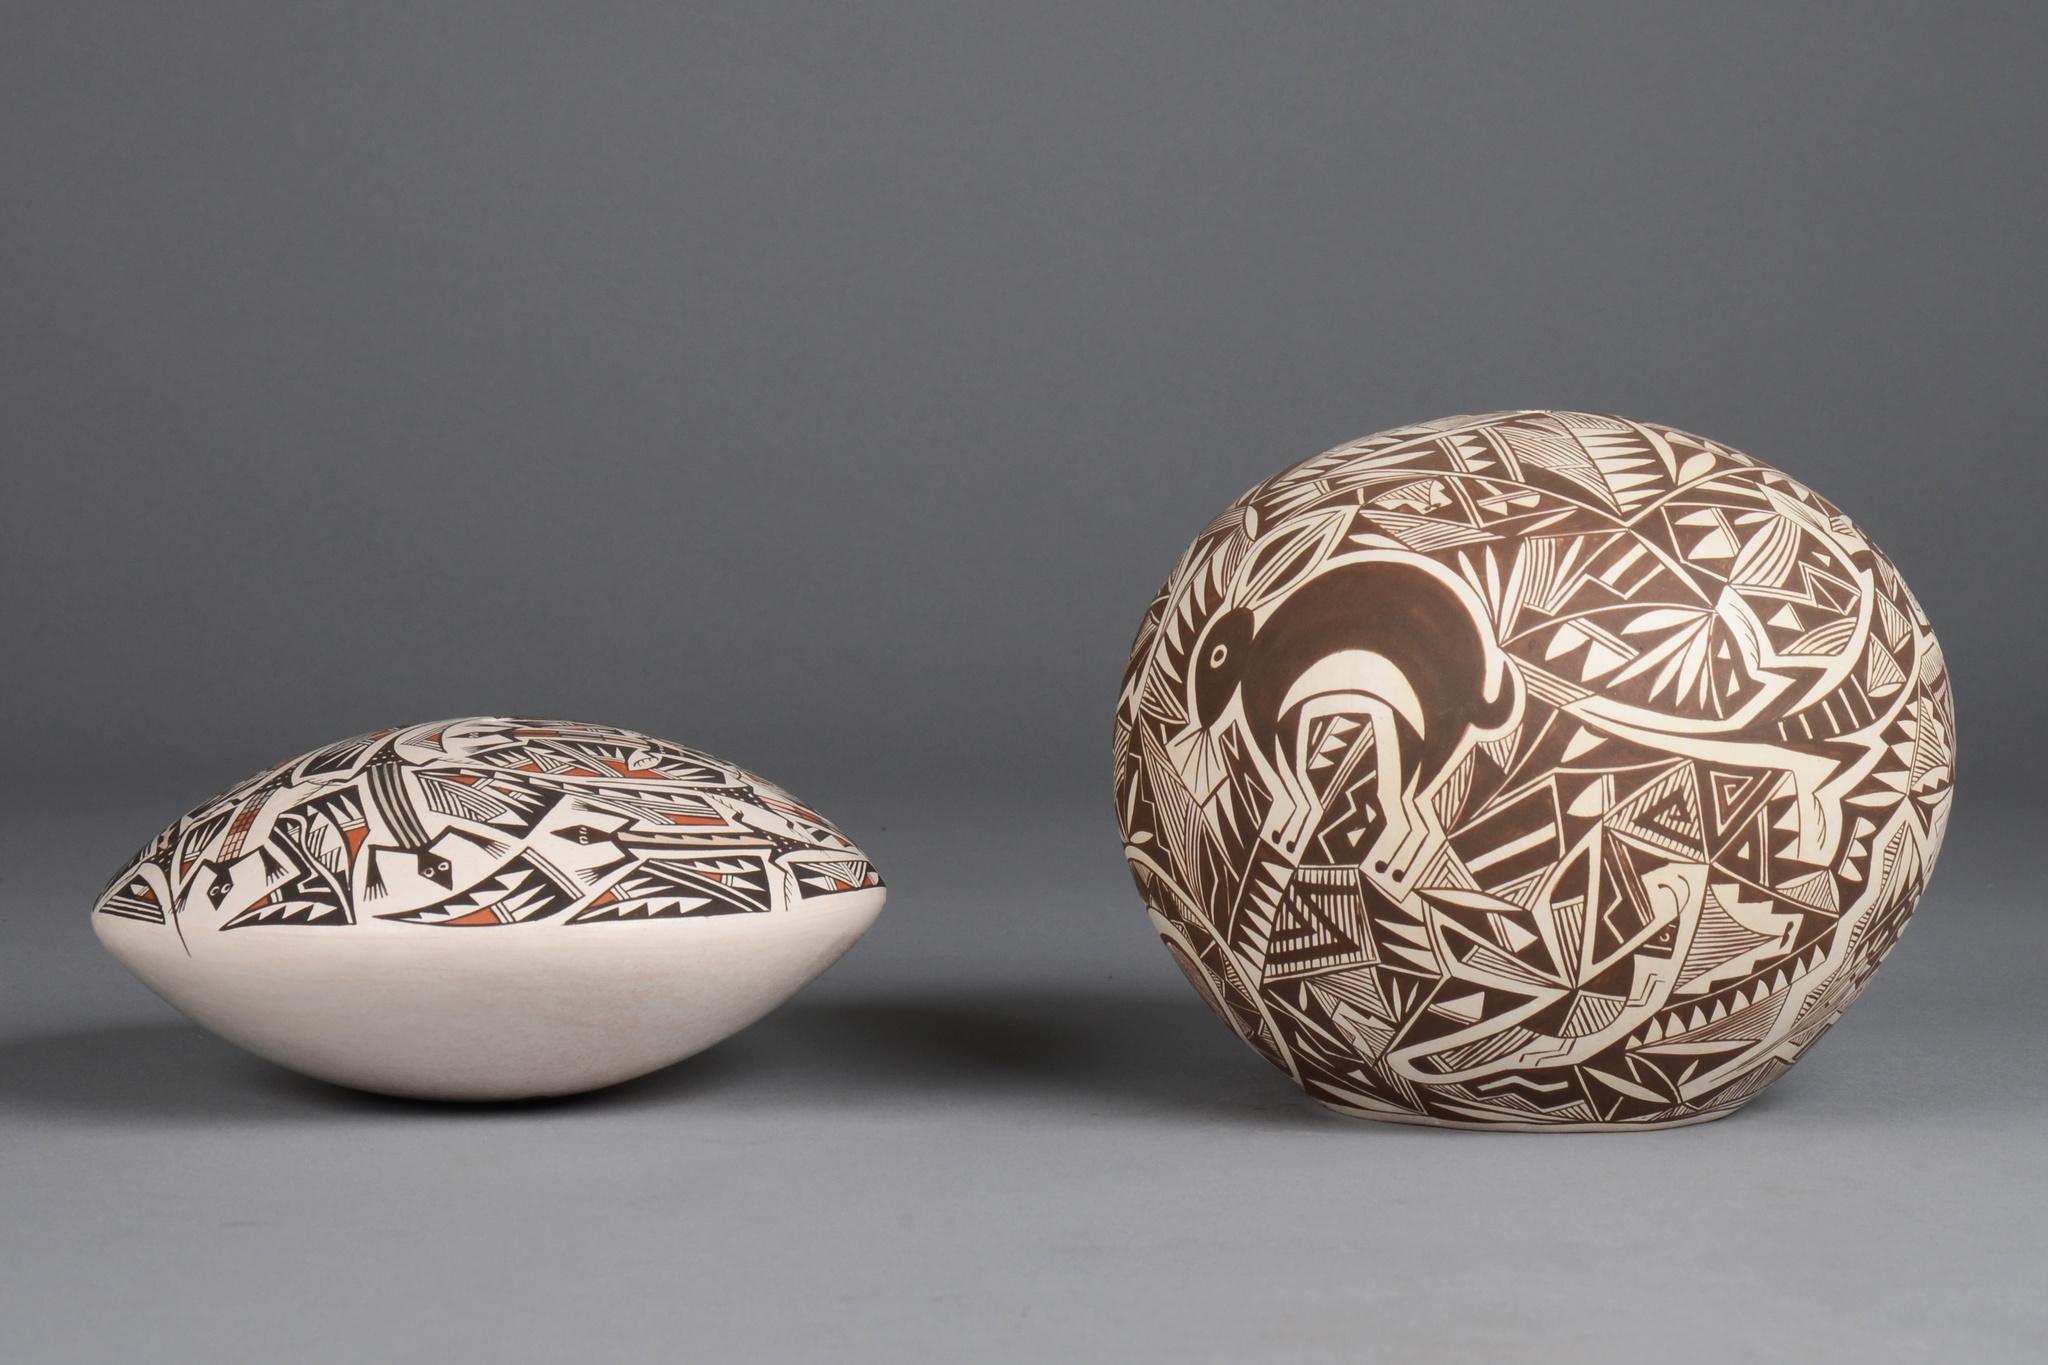 Zwei Samenbehälter mit klassischem Mimbres Dekor